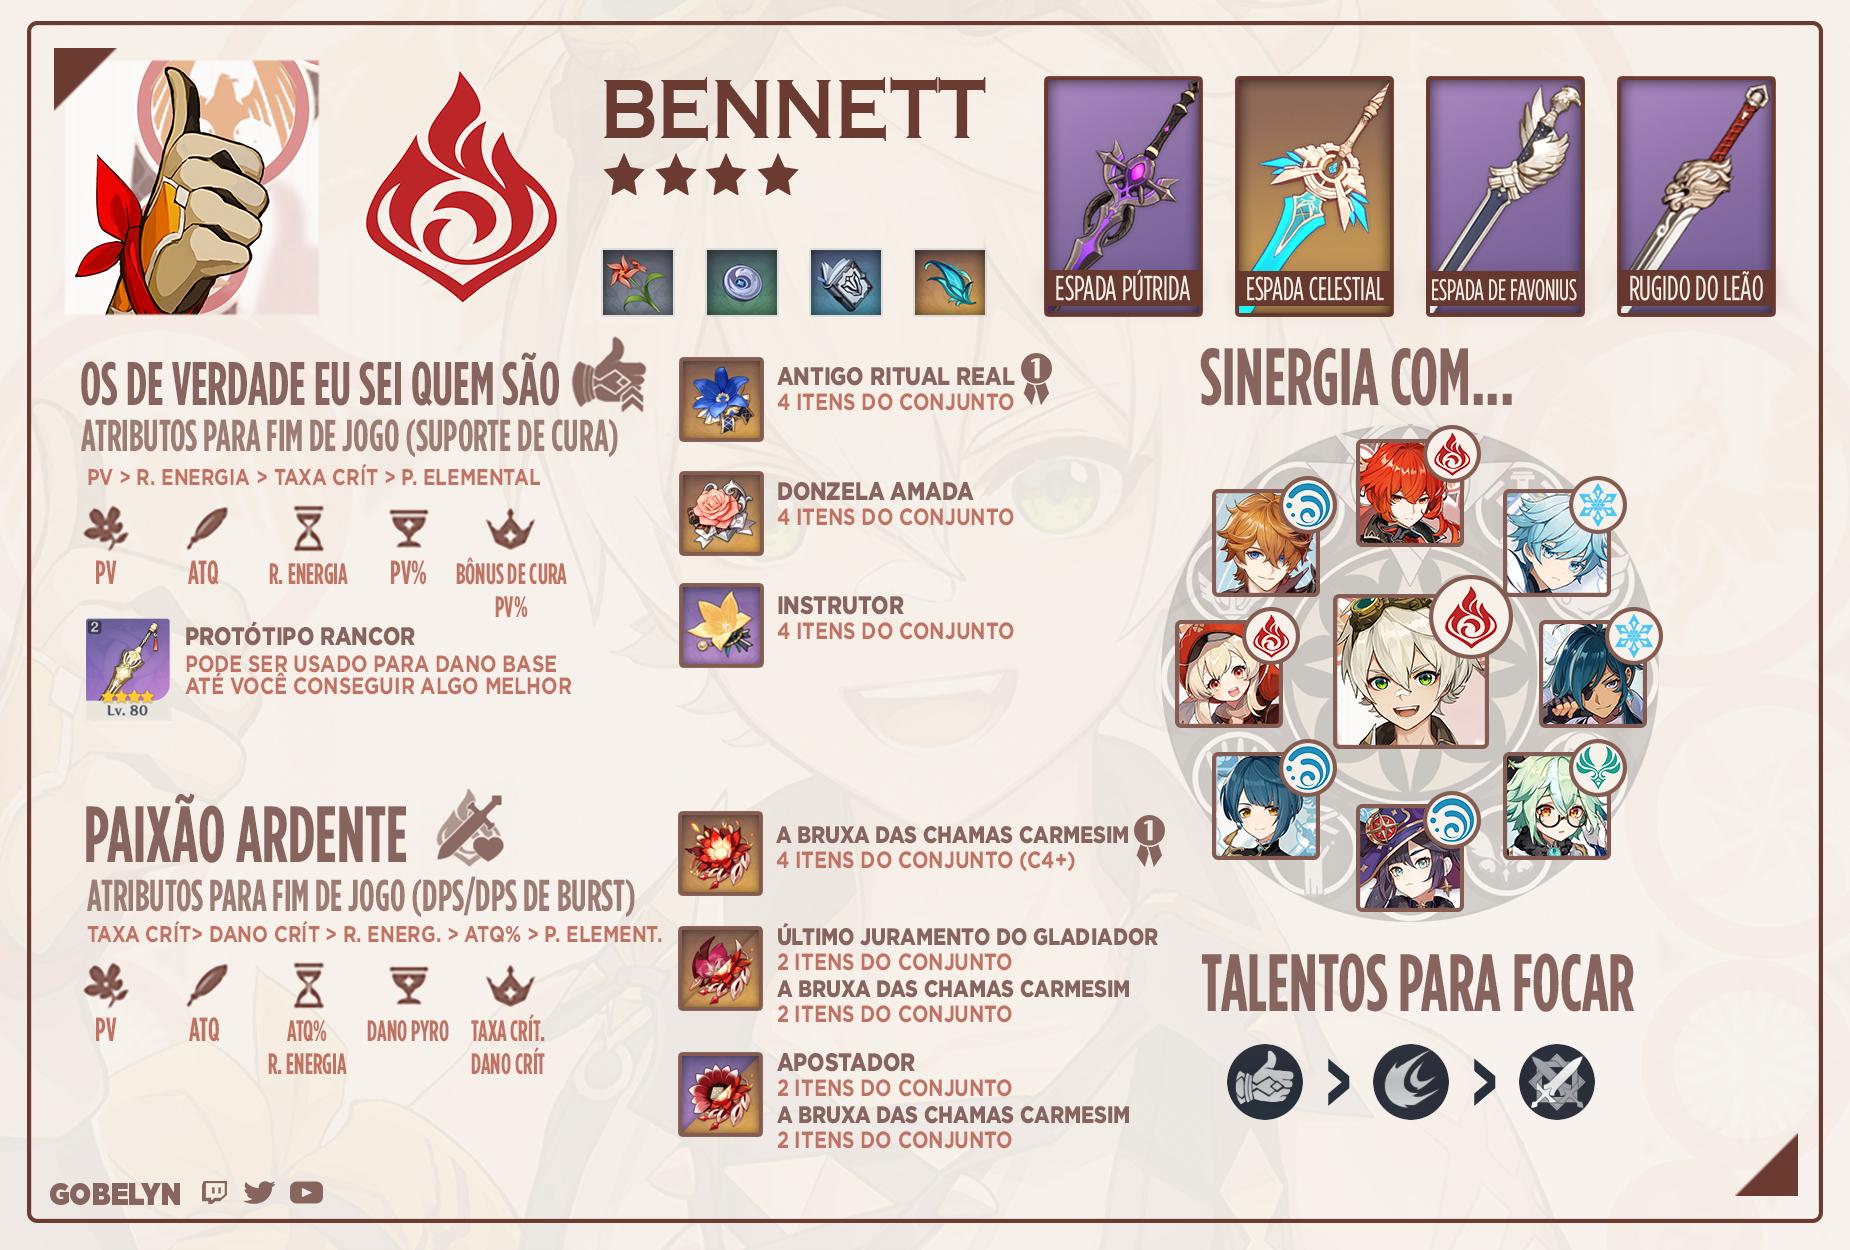 Build recomendada para o Bennet, Genshin Impact